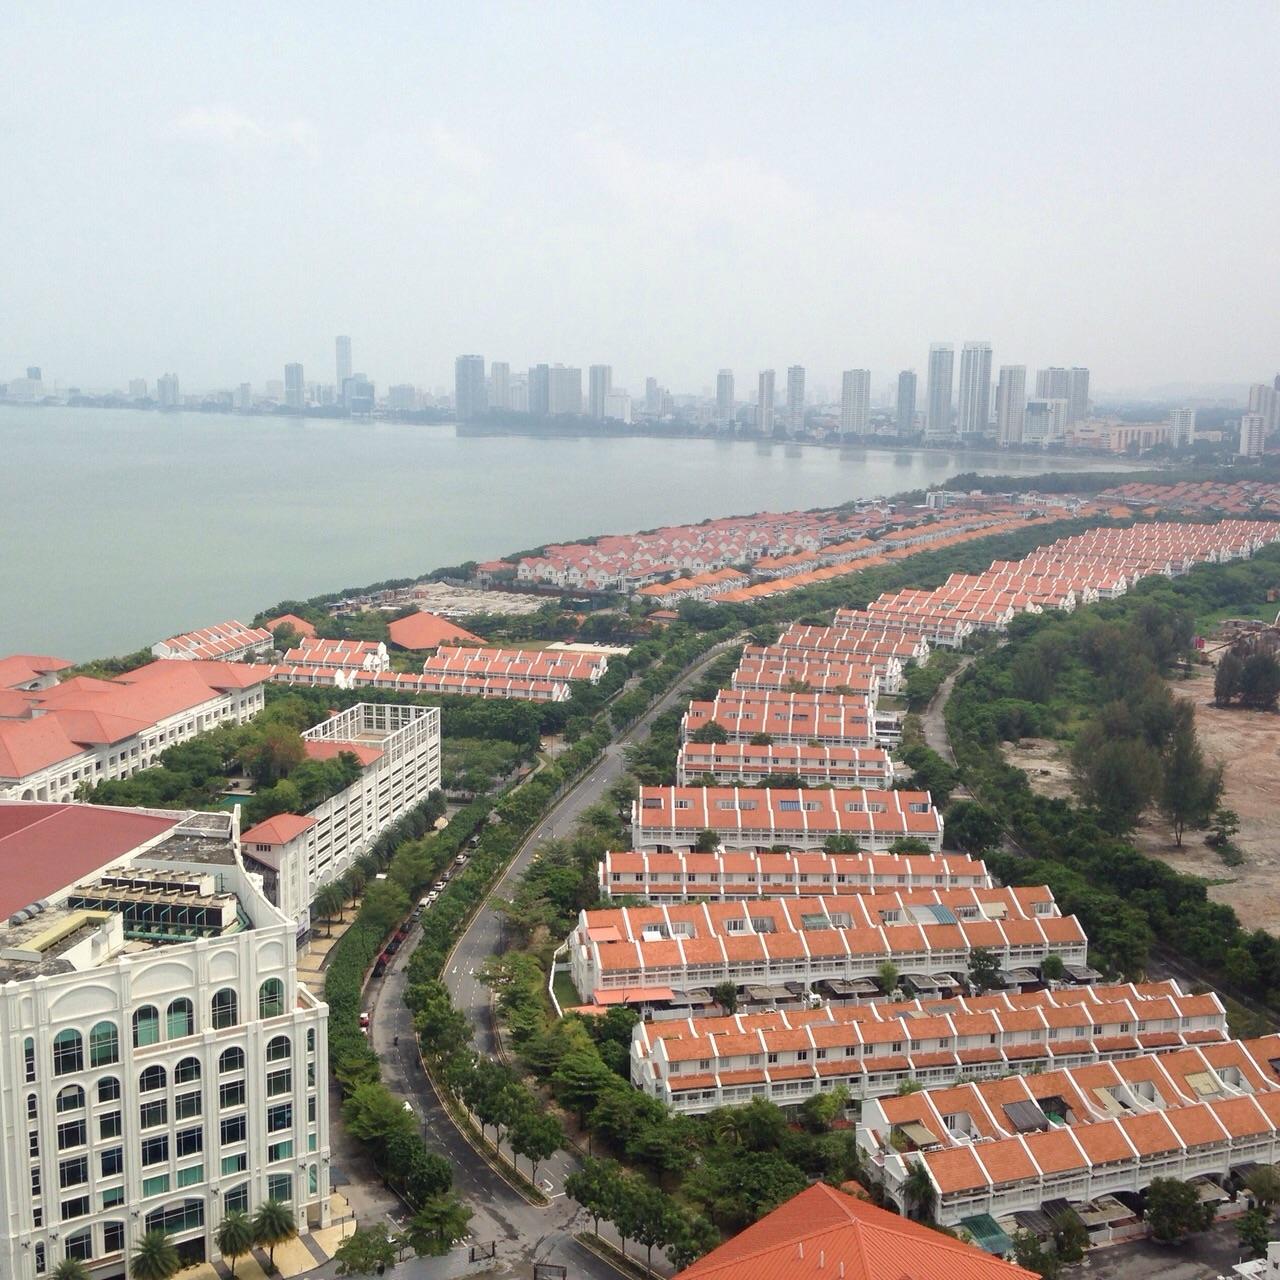 Quayside Resort Condominium, 3+1 bedrooms